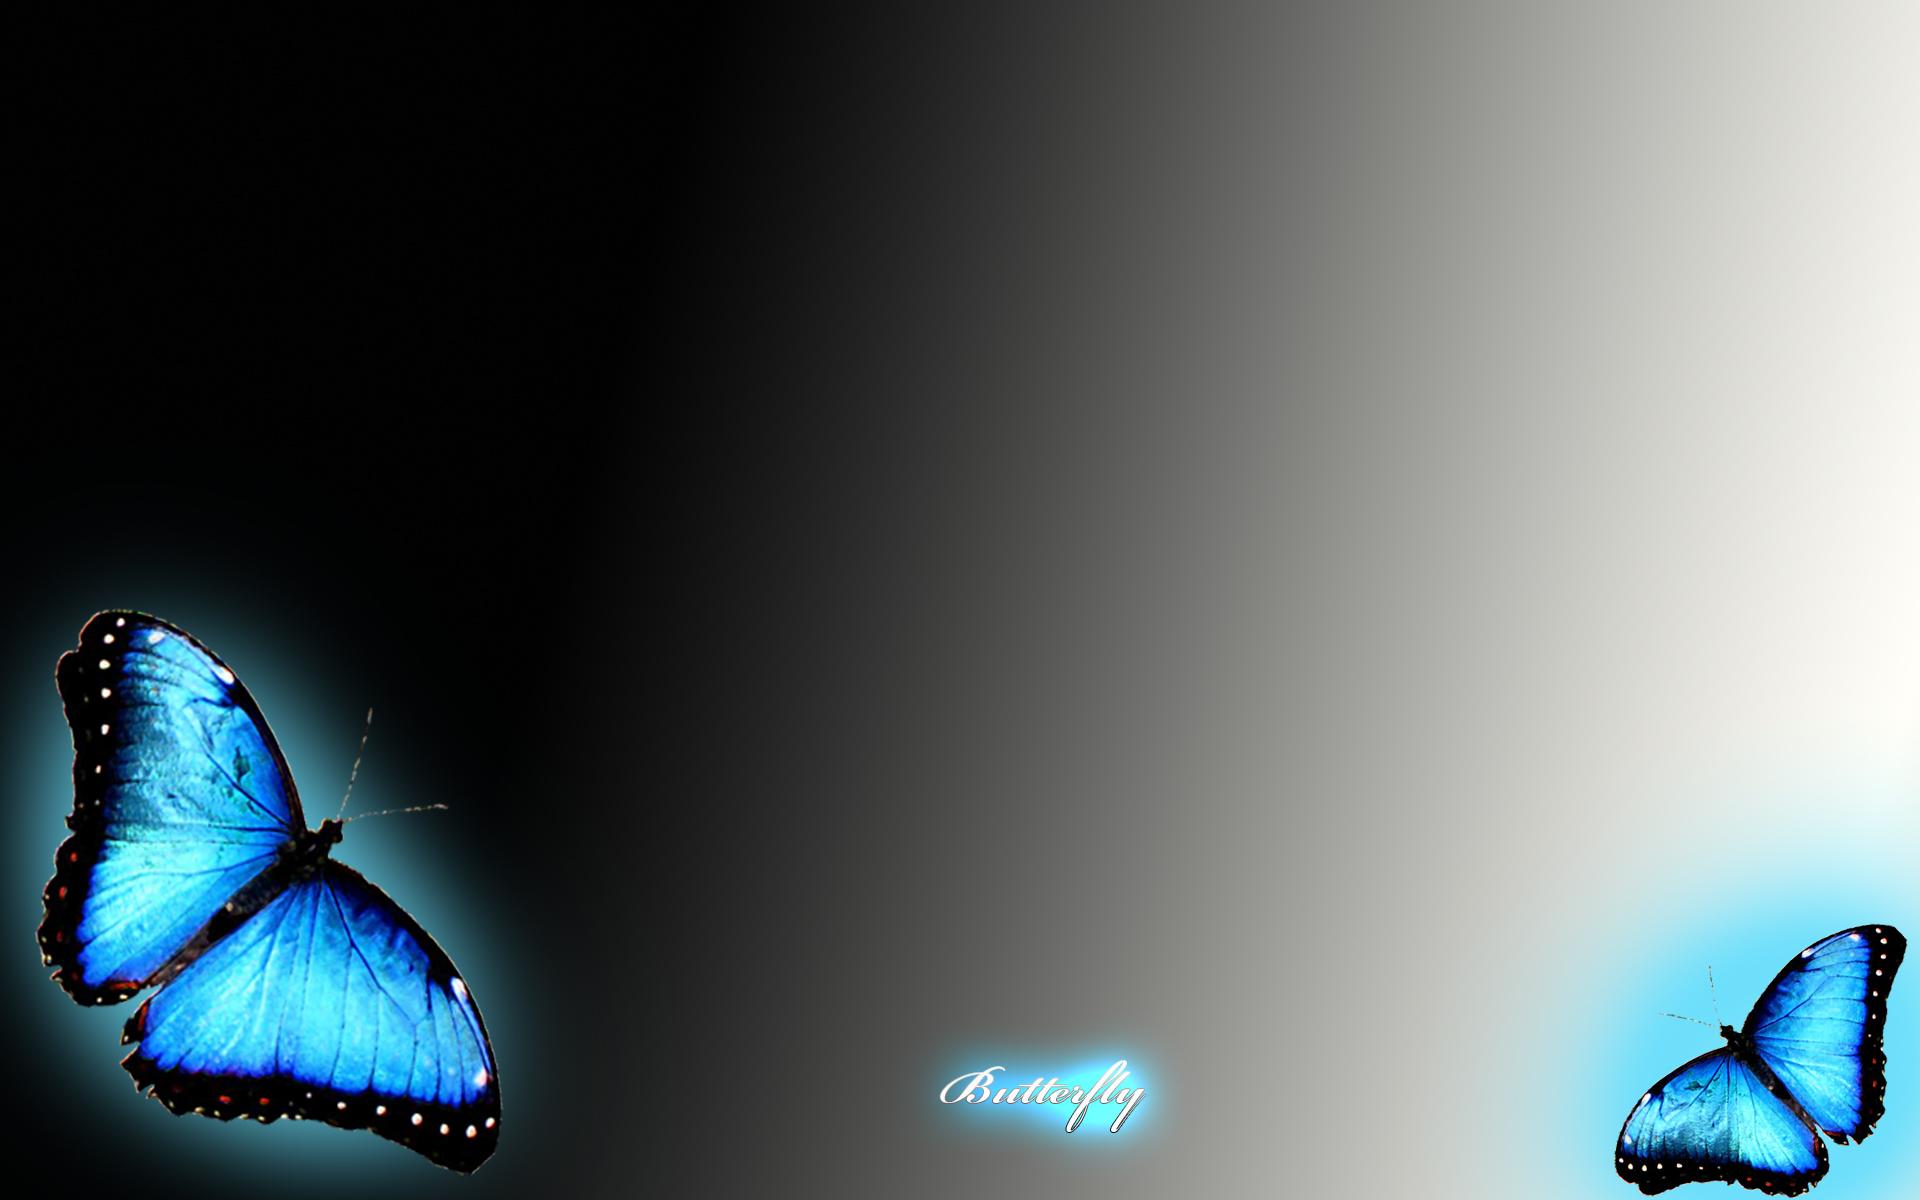 Blue Butterfly Wallpaper HD | PixelsTalk.Net Wallpapers Of Butterflies